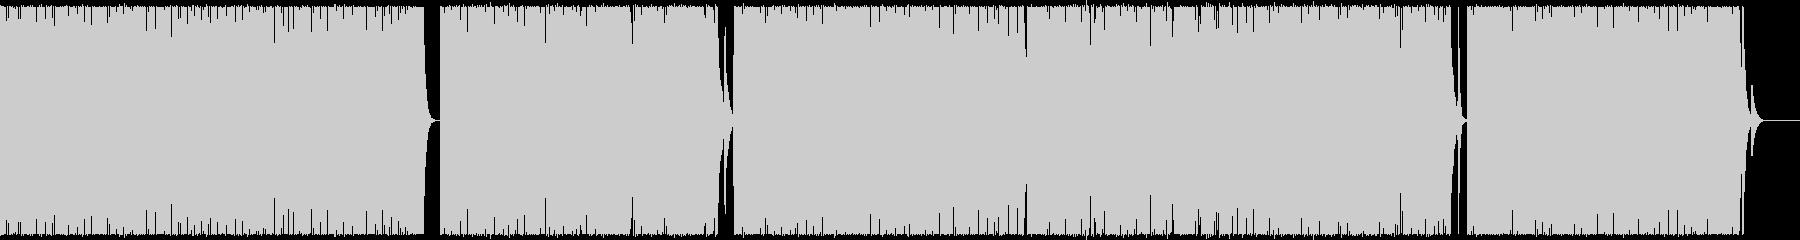 マリンバと鉄琴の爽やかで軽やかなポップスの未再生の波形